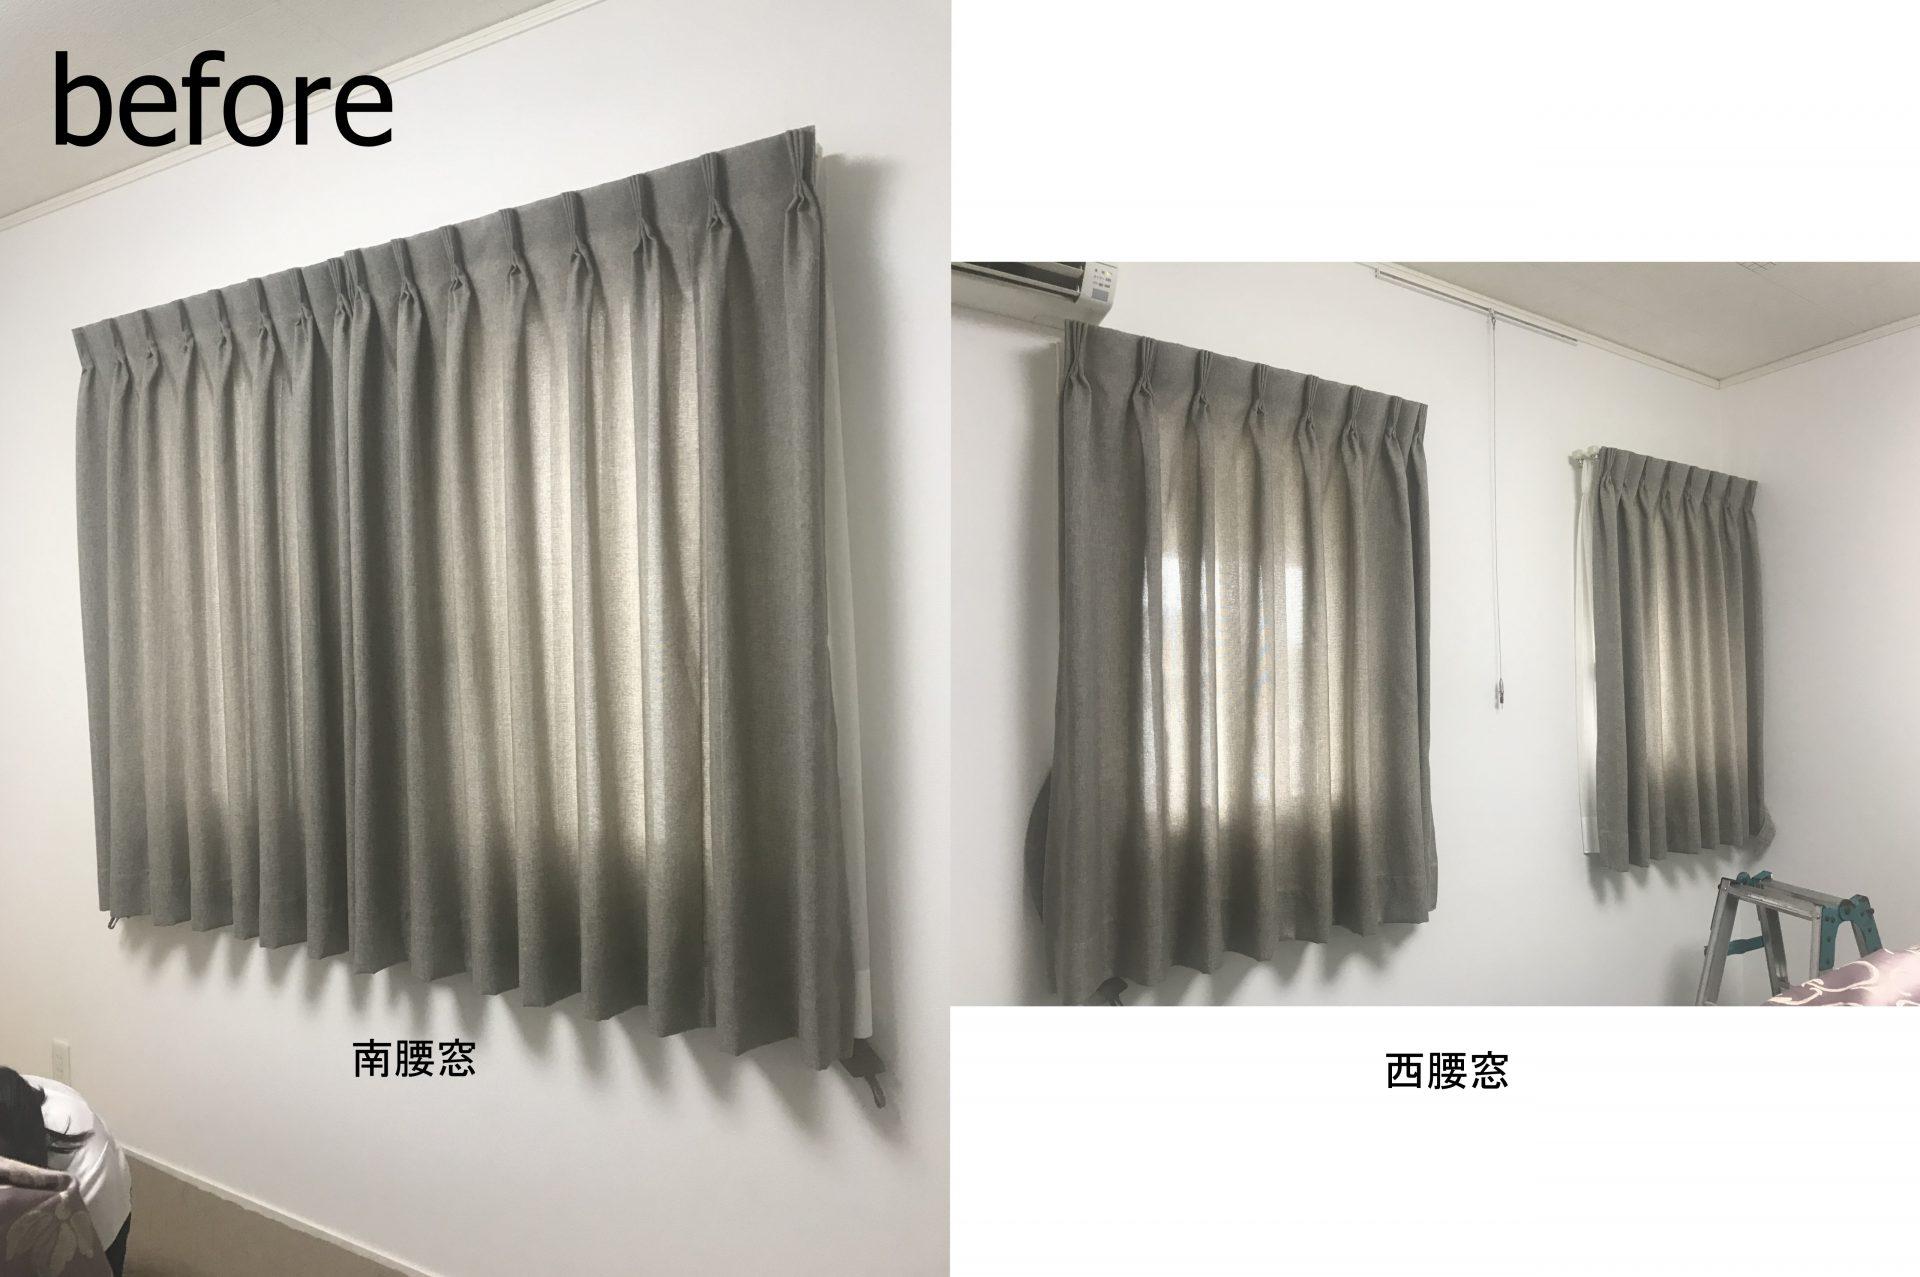 上飾りバランス(ボールフレンジ付)で、ピアノ室がこんなに変身!before after